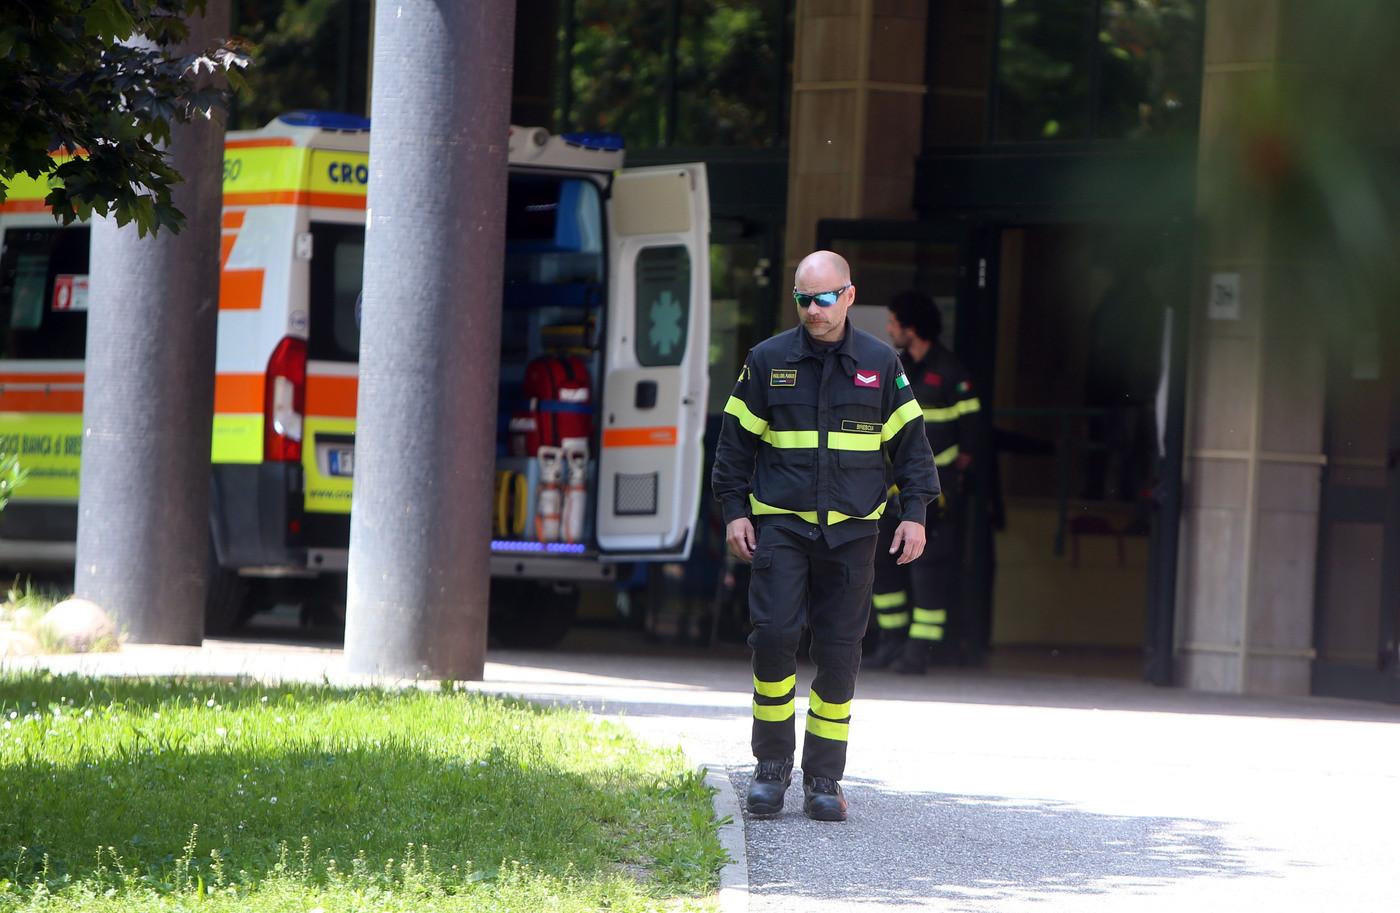 Uomo uccide la moglie e si getta dal balcone a Velletri